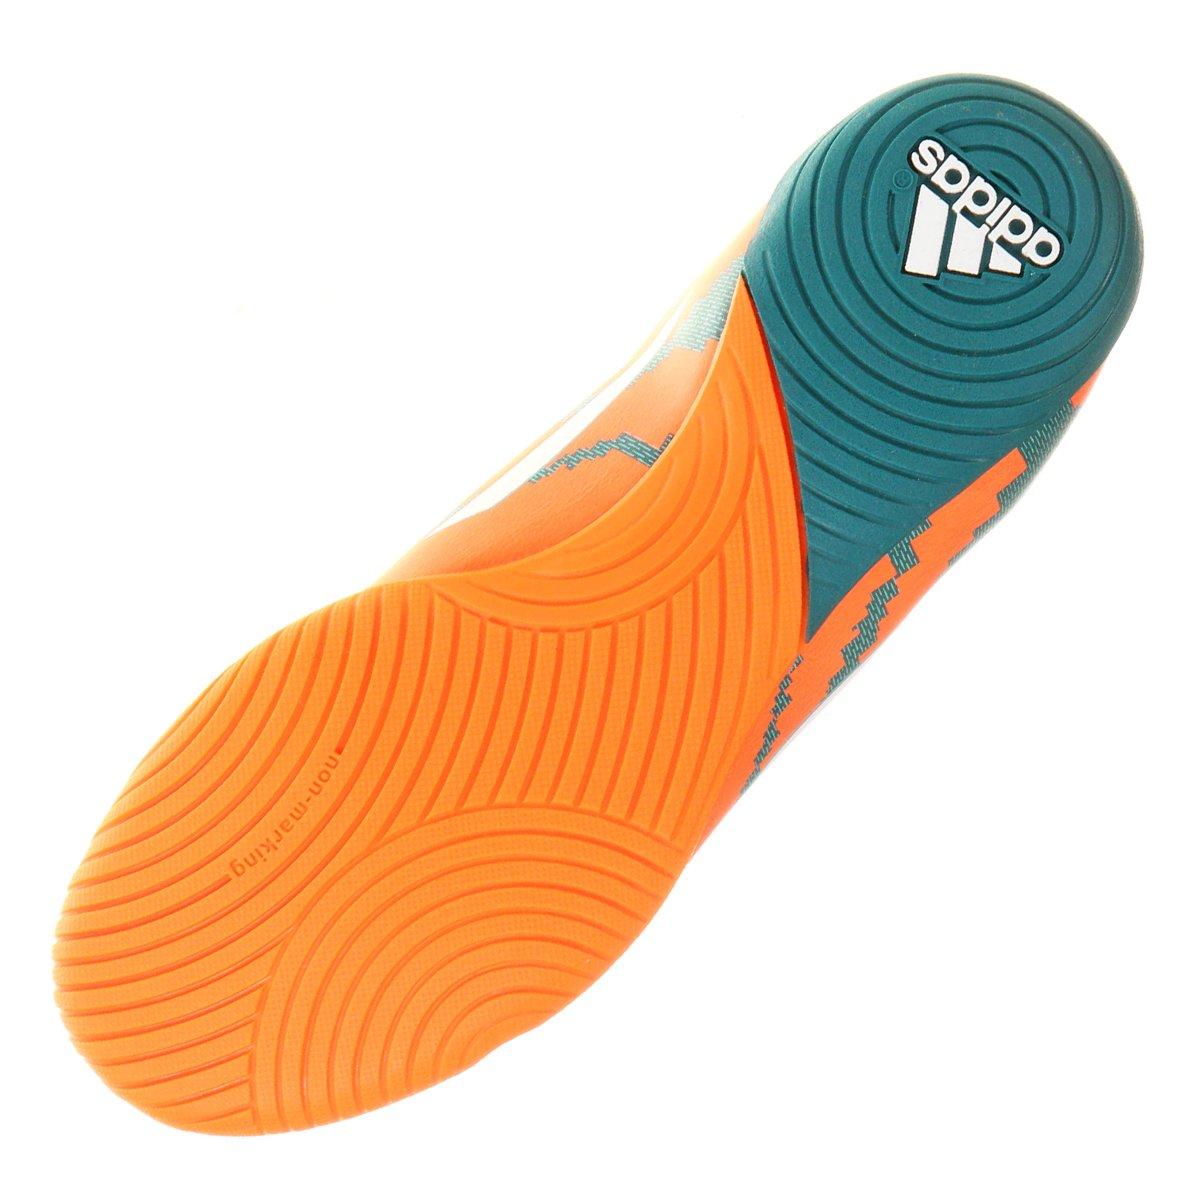 13f95f7f2e Chuteira Adidas F10 IN Futsal Messi - Compre Agora